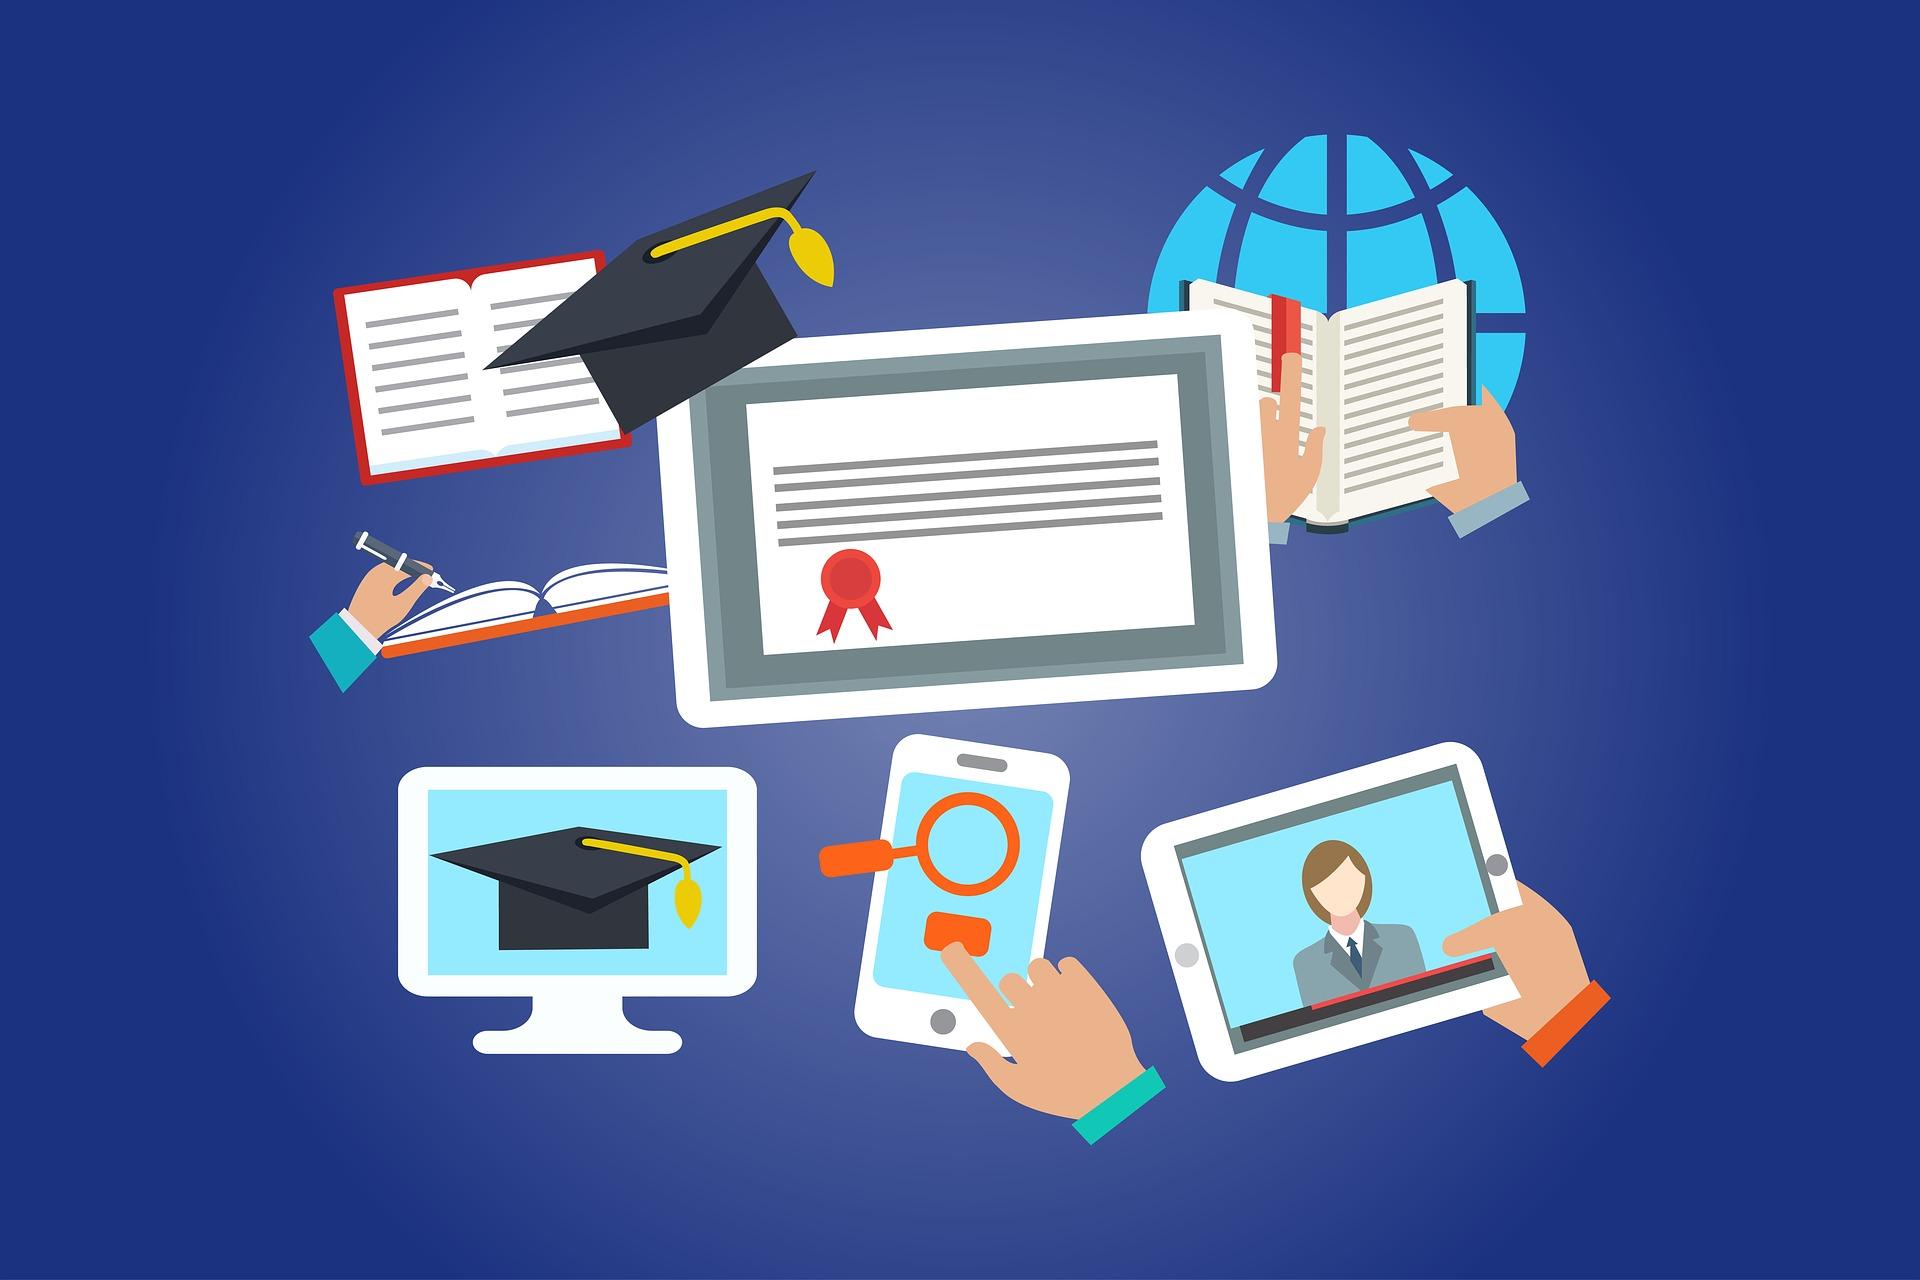 Πρόσκληση Εκδήλωσης Ενδιαφέροντος σε  Επιστήμονες για τη Διεξαγωγή Μεταδιδακτορικού Ερευνητικού Έργου στο Τμήμα Λογιστικής και Χρηματοοικονομικής και στο Τμήμα Διοικητικής Επιστήμης και Τεχνολογίας του Ελληνικού Μεσογειακού Πανεπιστημίου